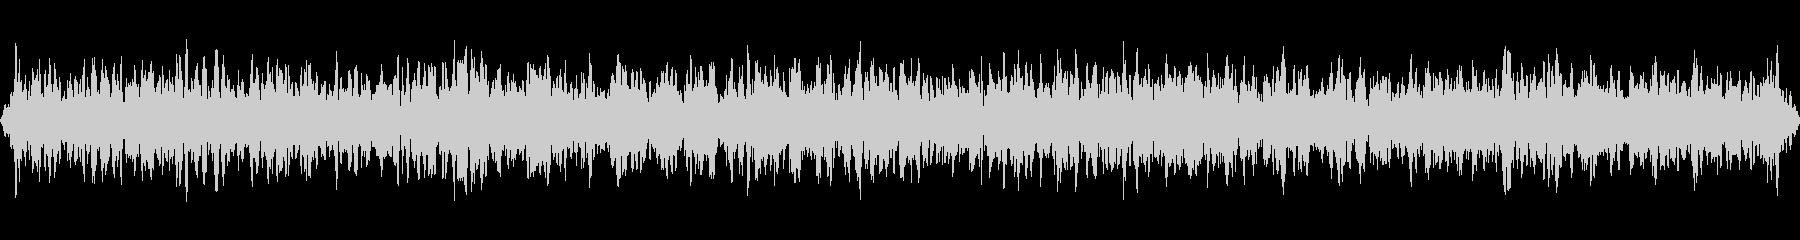 ハウスオイルヒーターバーナーハムの未再生の波形